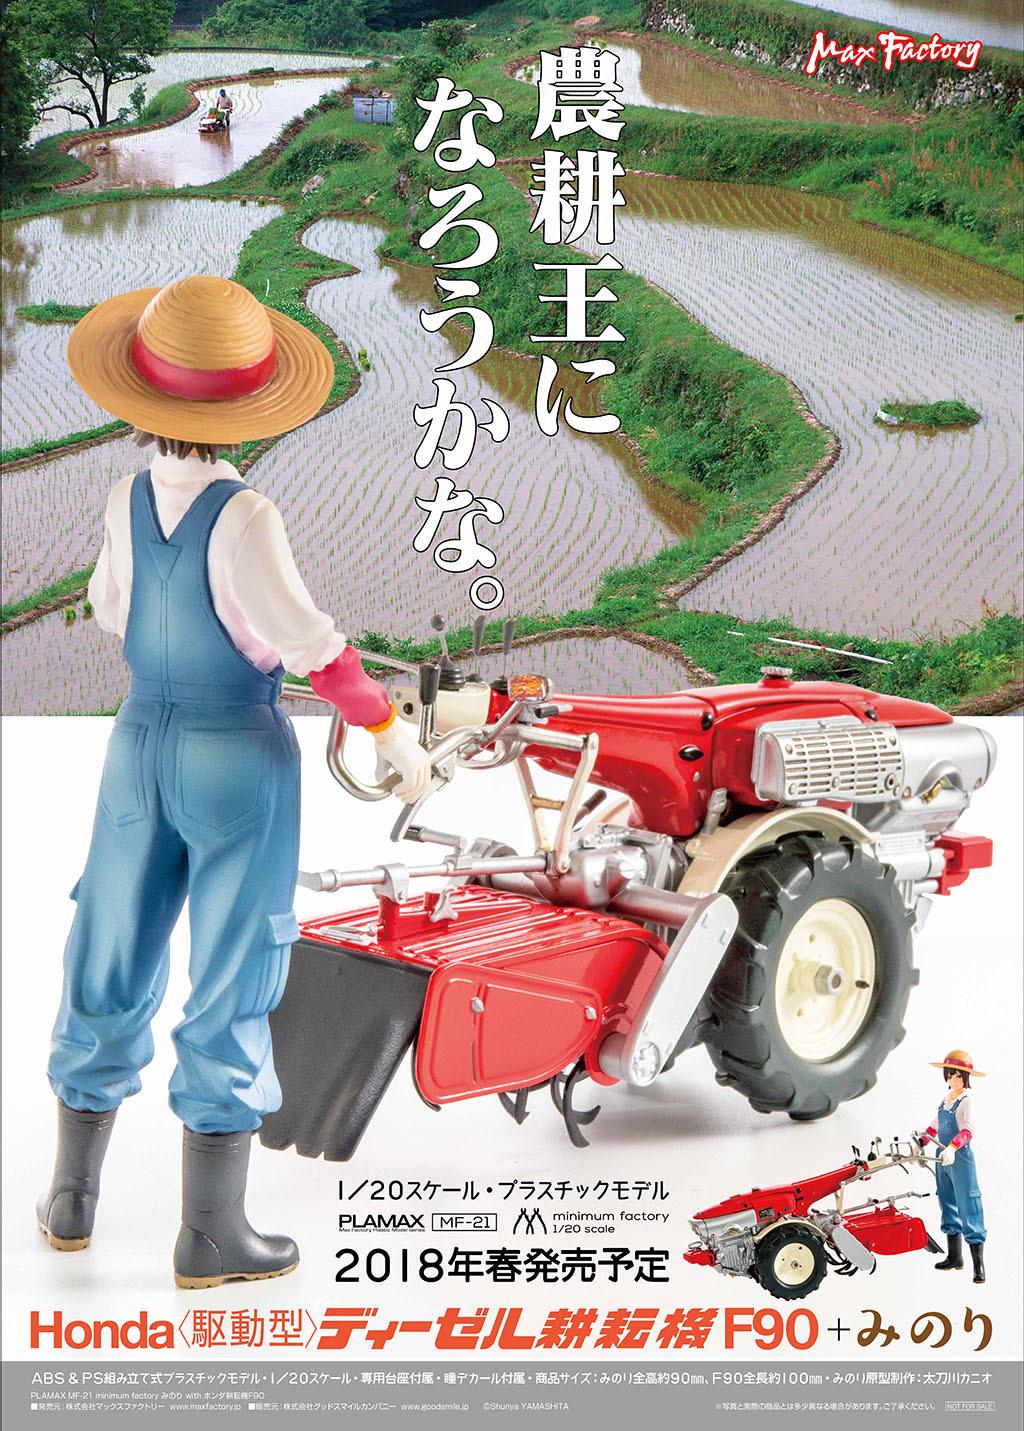 タイムレスなデザインは美しい!耕うん機&農ガールのプラモデルが案内開始です。_f0395912_16033558.jpg